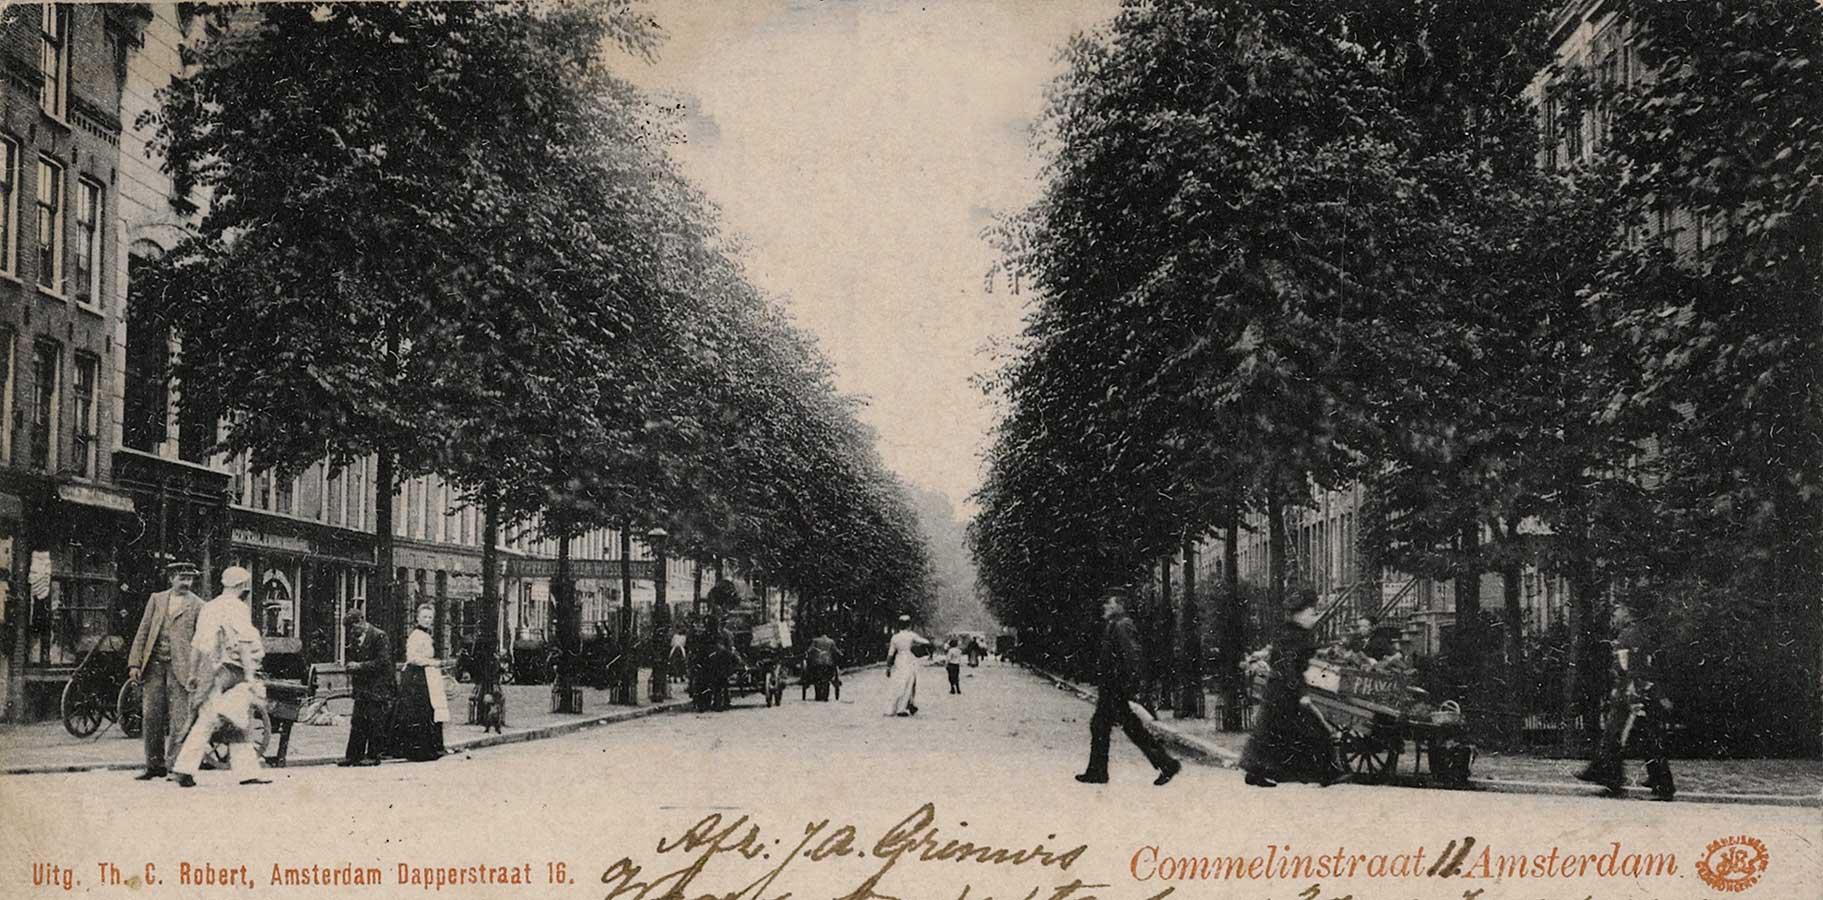 Oude briefkaart van Commelinstraat in 1910 met bomenrijen aan weerszijden. Verschillende mensen lopen op straat.